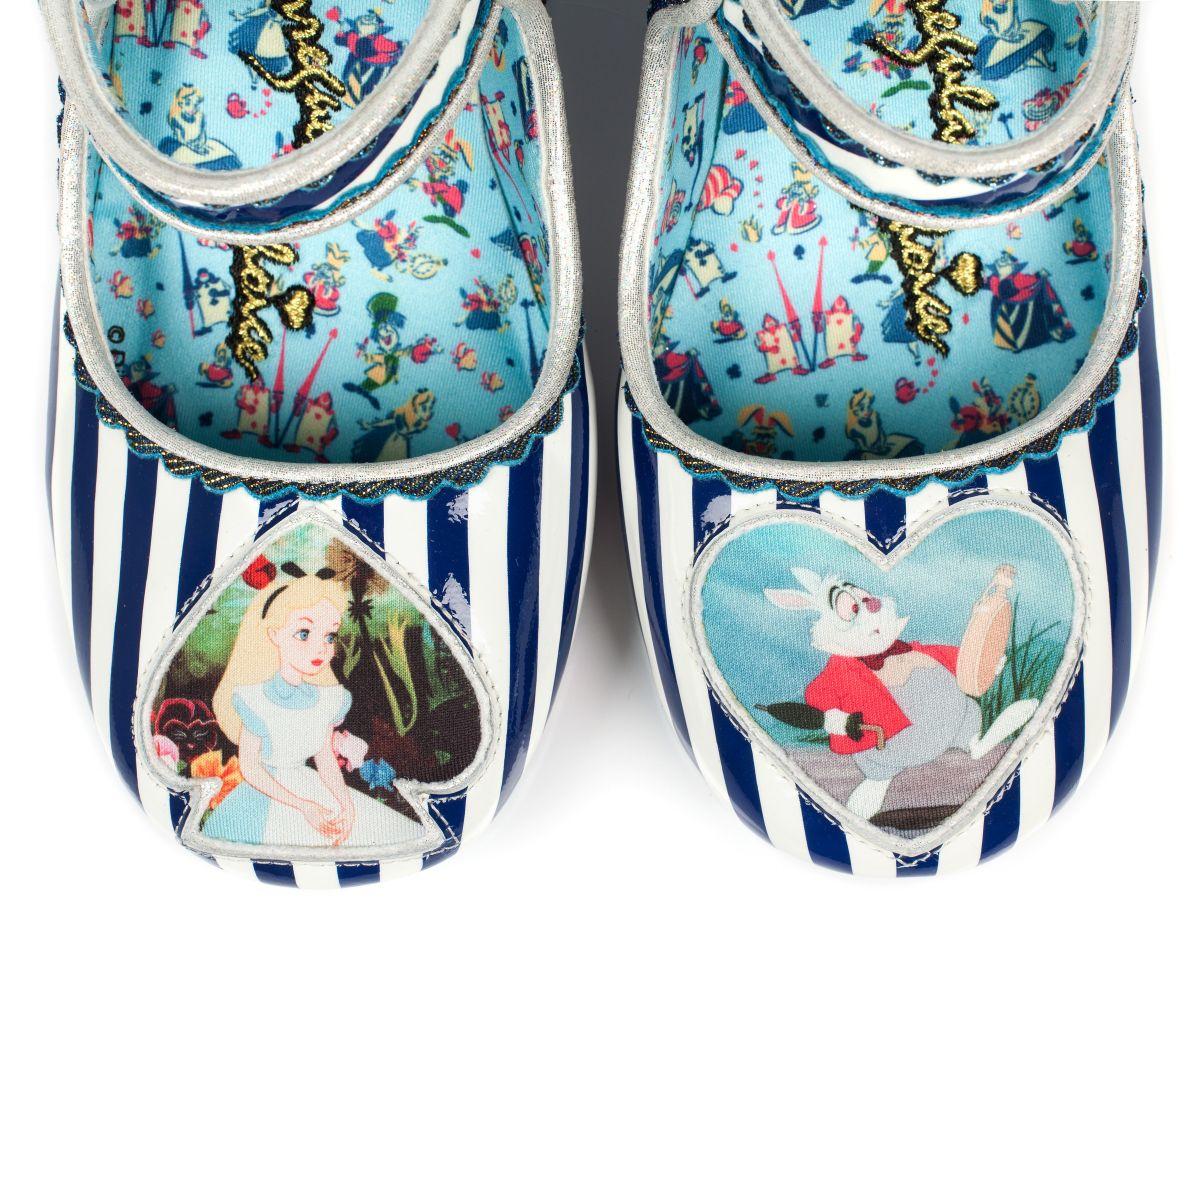 Alice High Heel | Boot shoes women, Vintage high heels, Heels